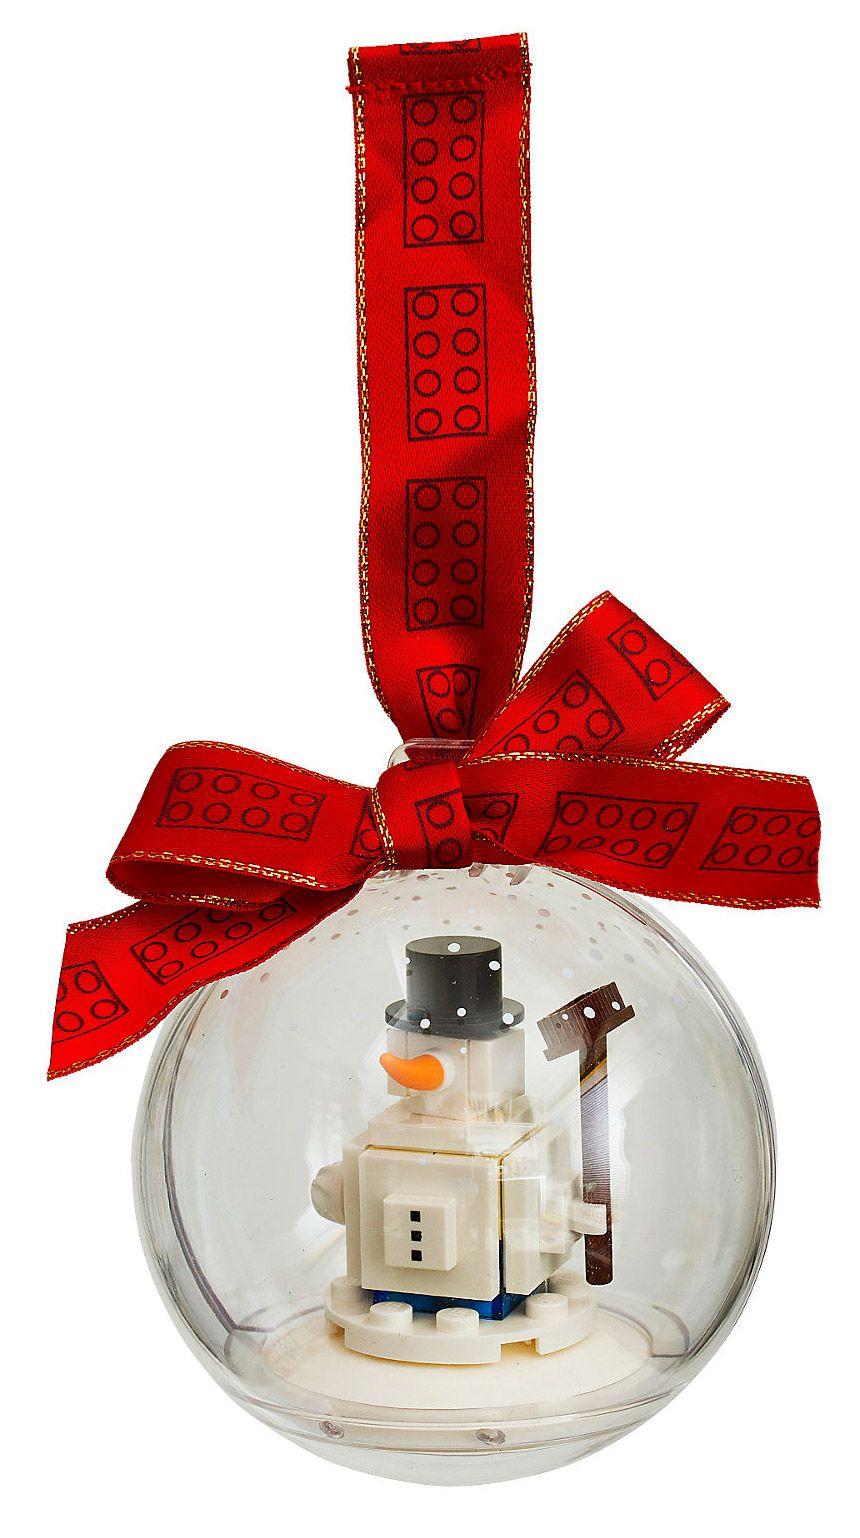 Lego saisonnier 853670 pas cher d coration de no l - Bonhomme de neige decoration exterieure ...